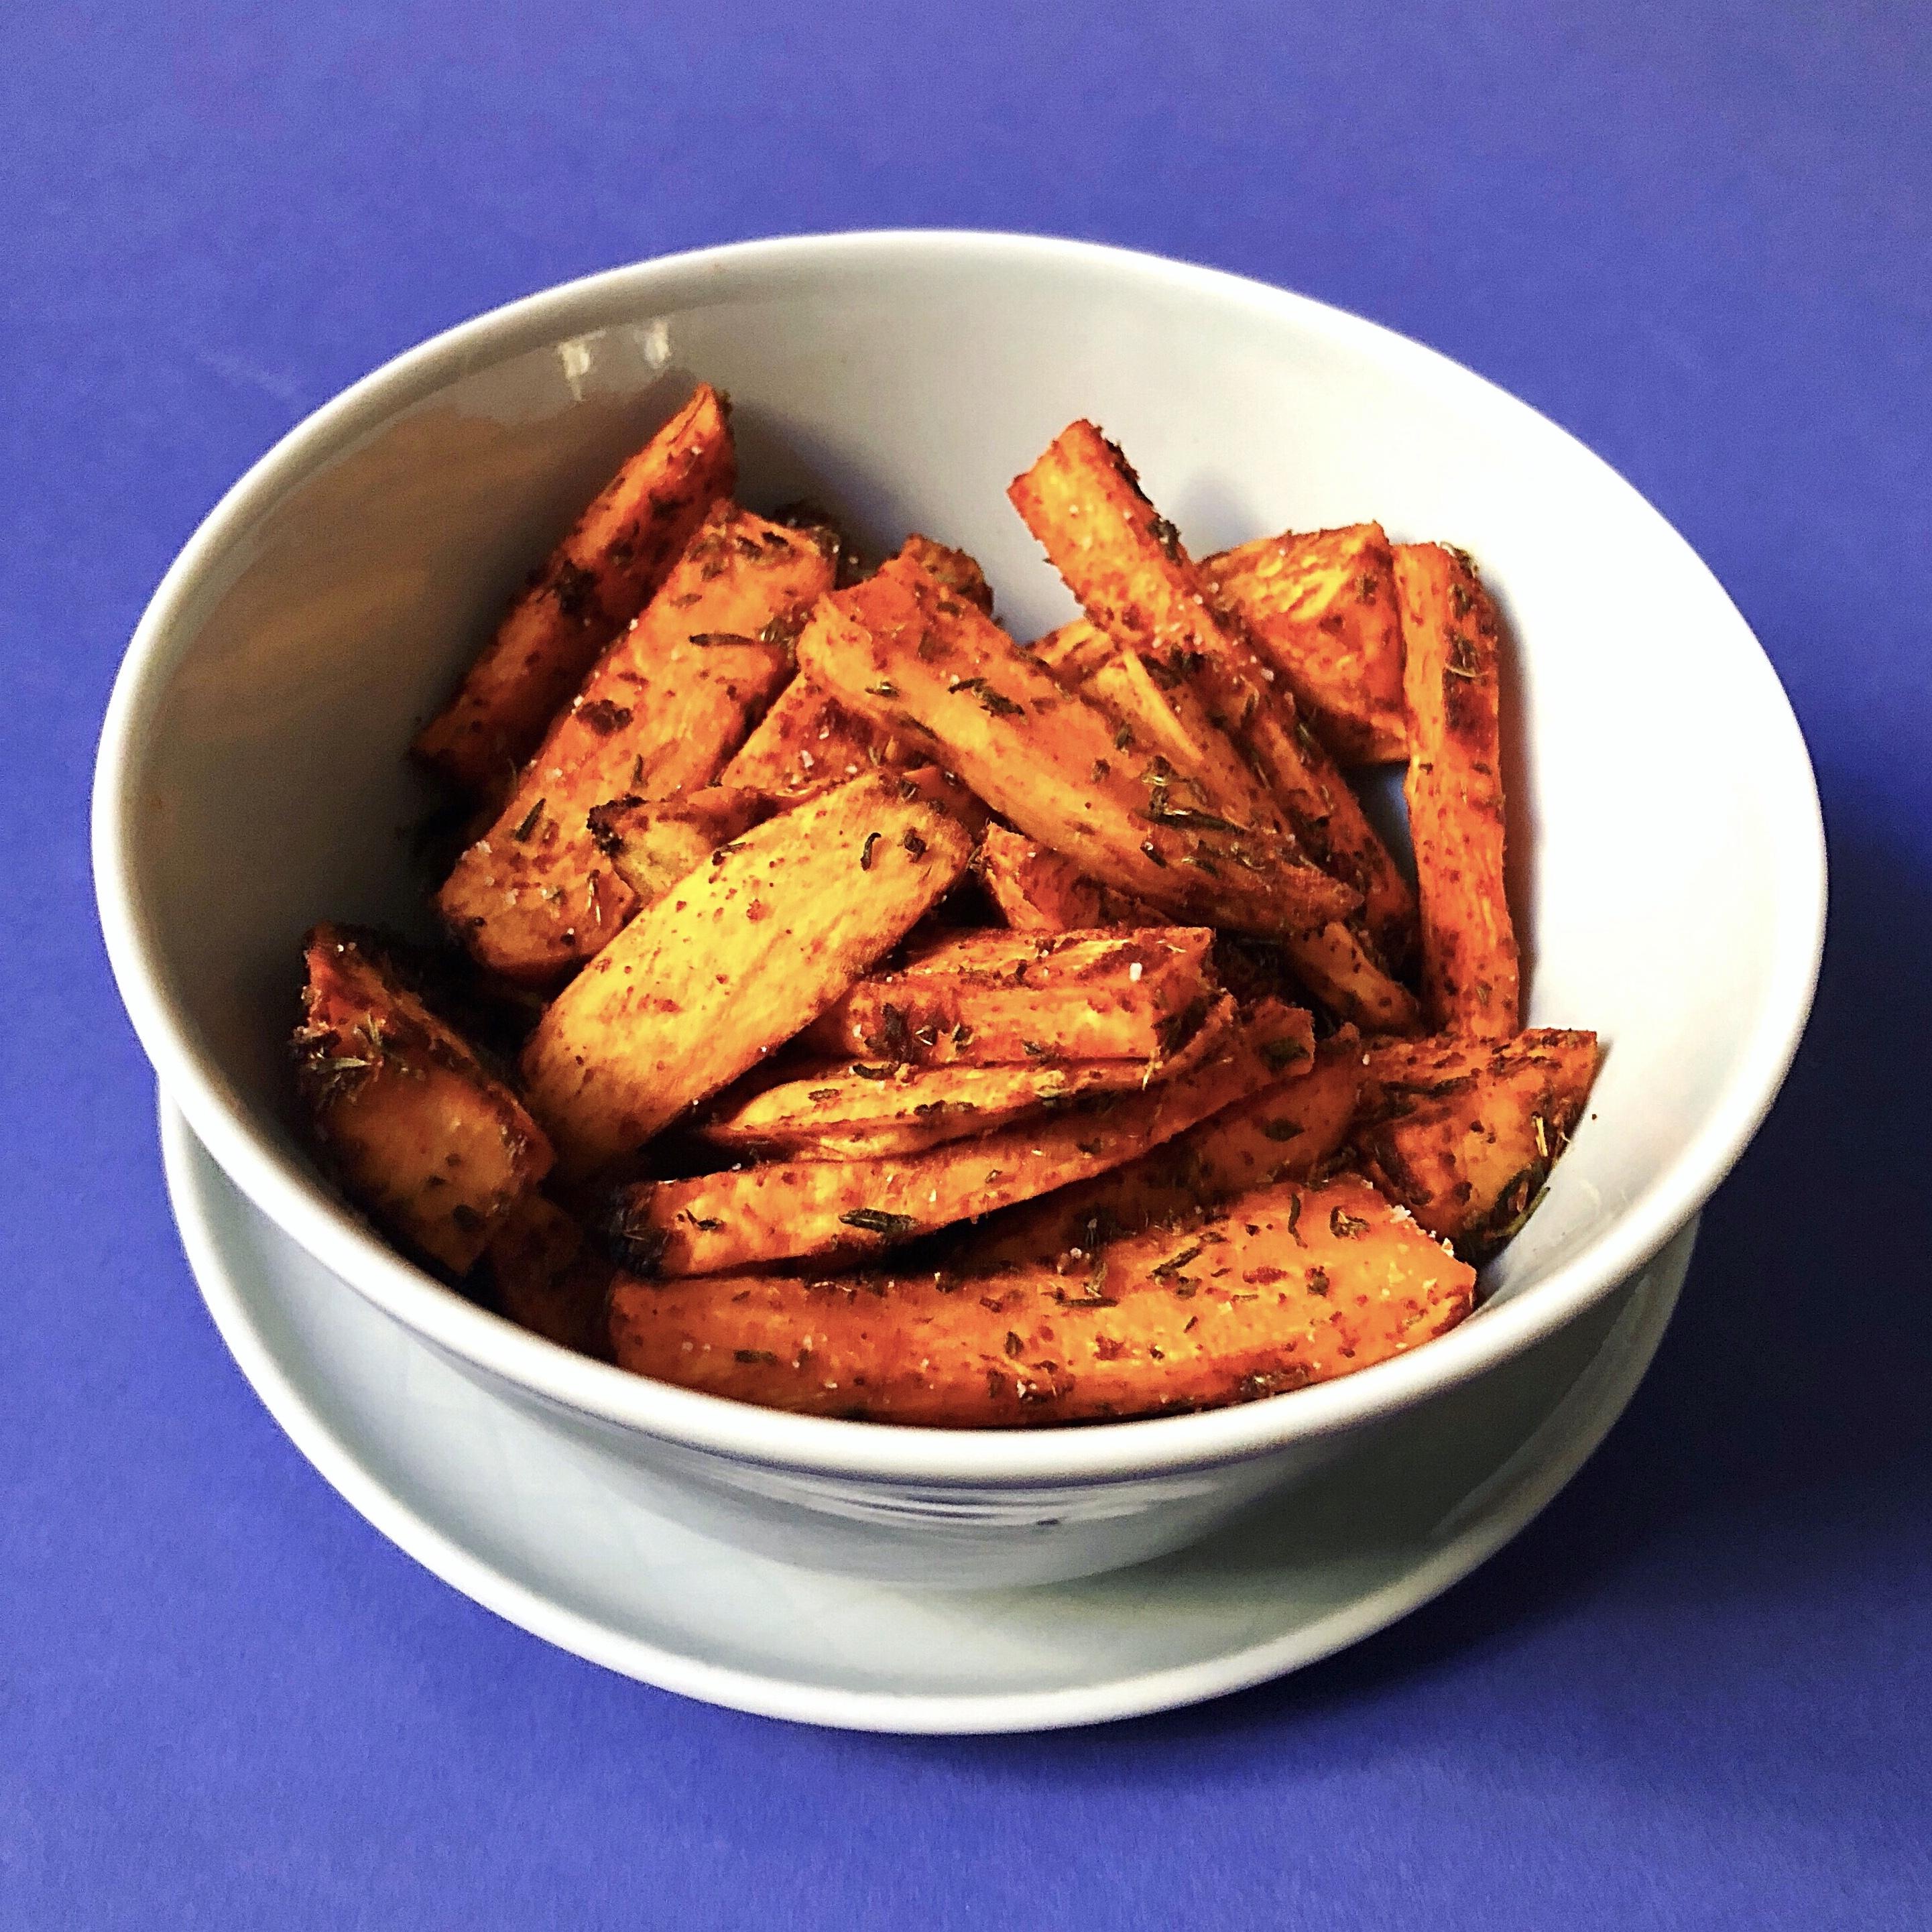 IMG 3594 - La patate douce pour avoir la frite à la rentrée